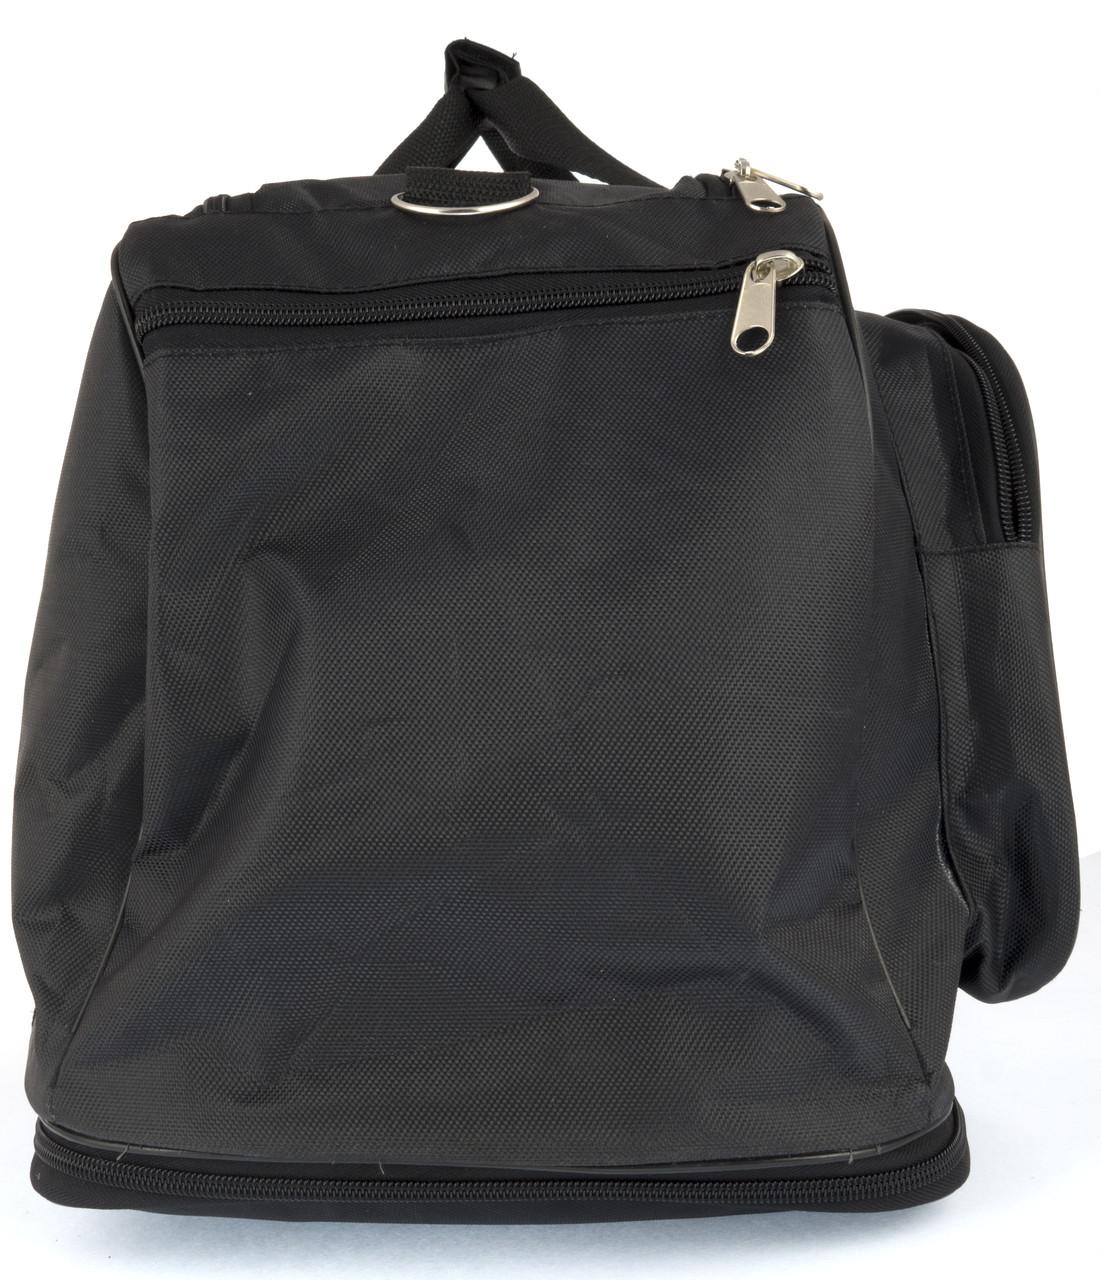 62167ccaad14 57-3 Украина, Стильная прочная спортивная вместительная спортивная сумка с двойным  дном art.